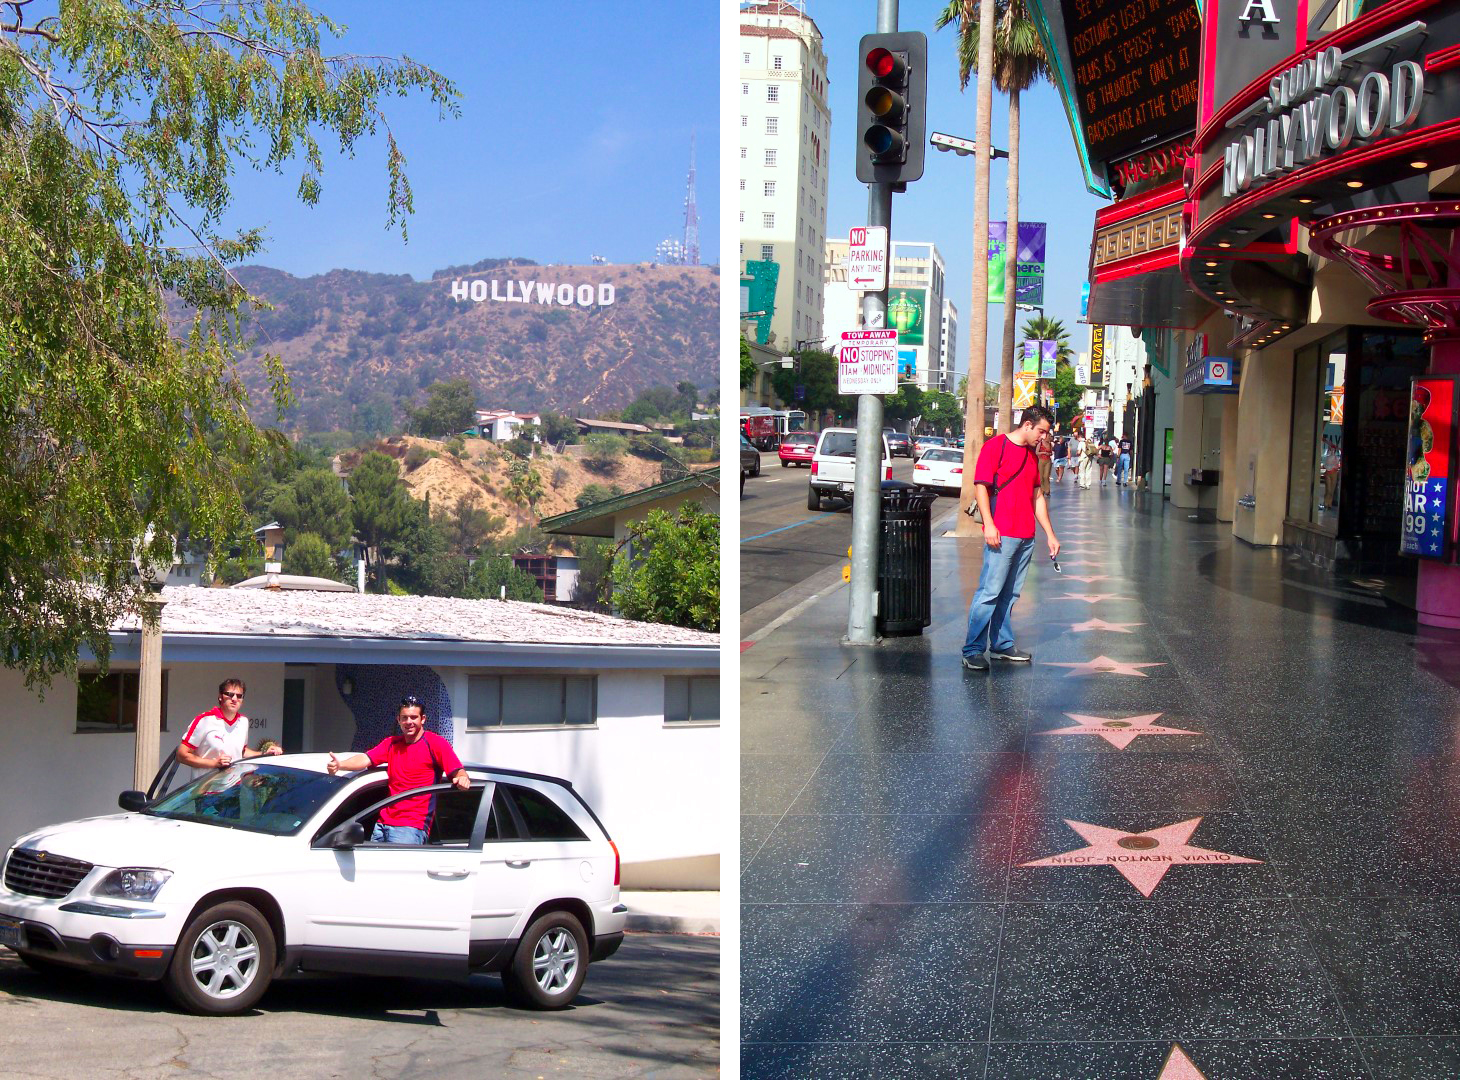 Qué hacer y ver en Los Ángeles los angeles - 32789963825 dea6ba3af2 o - Qué hacer y ver en Los Angeles